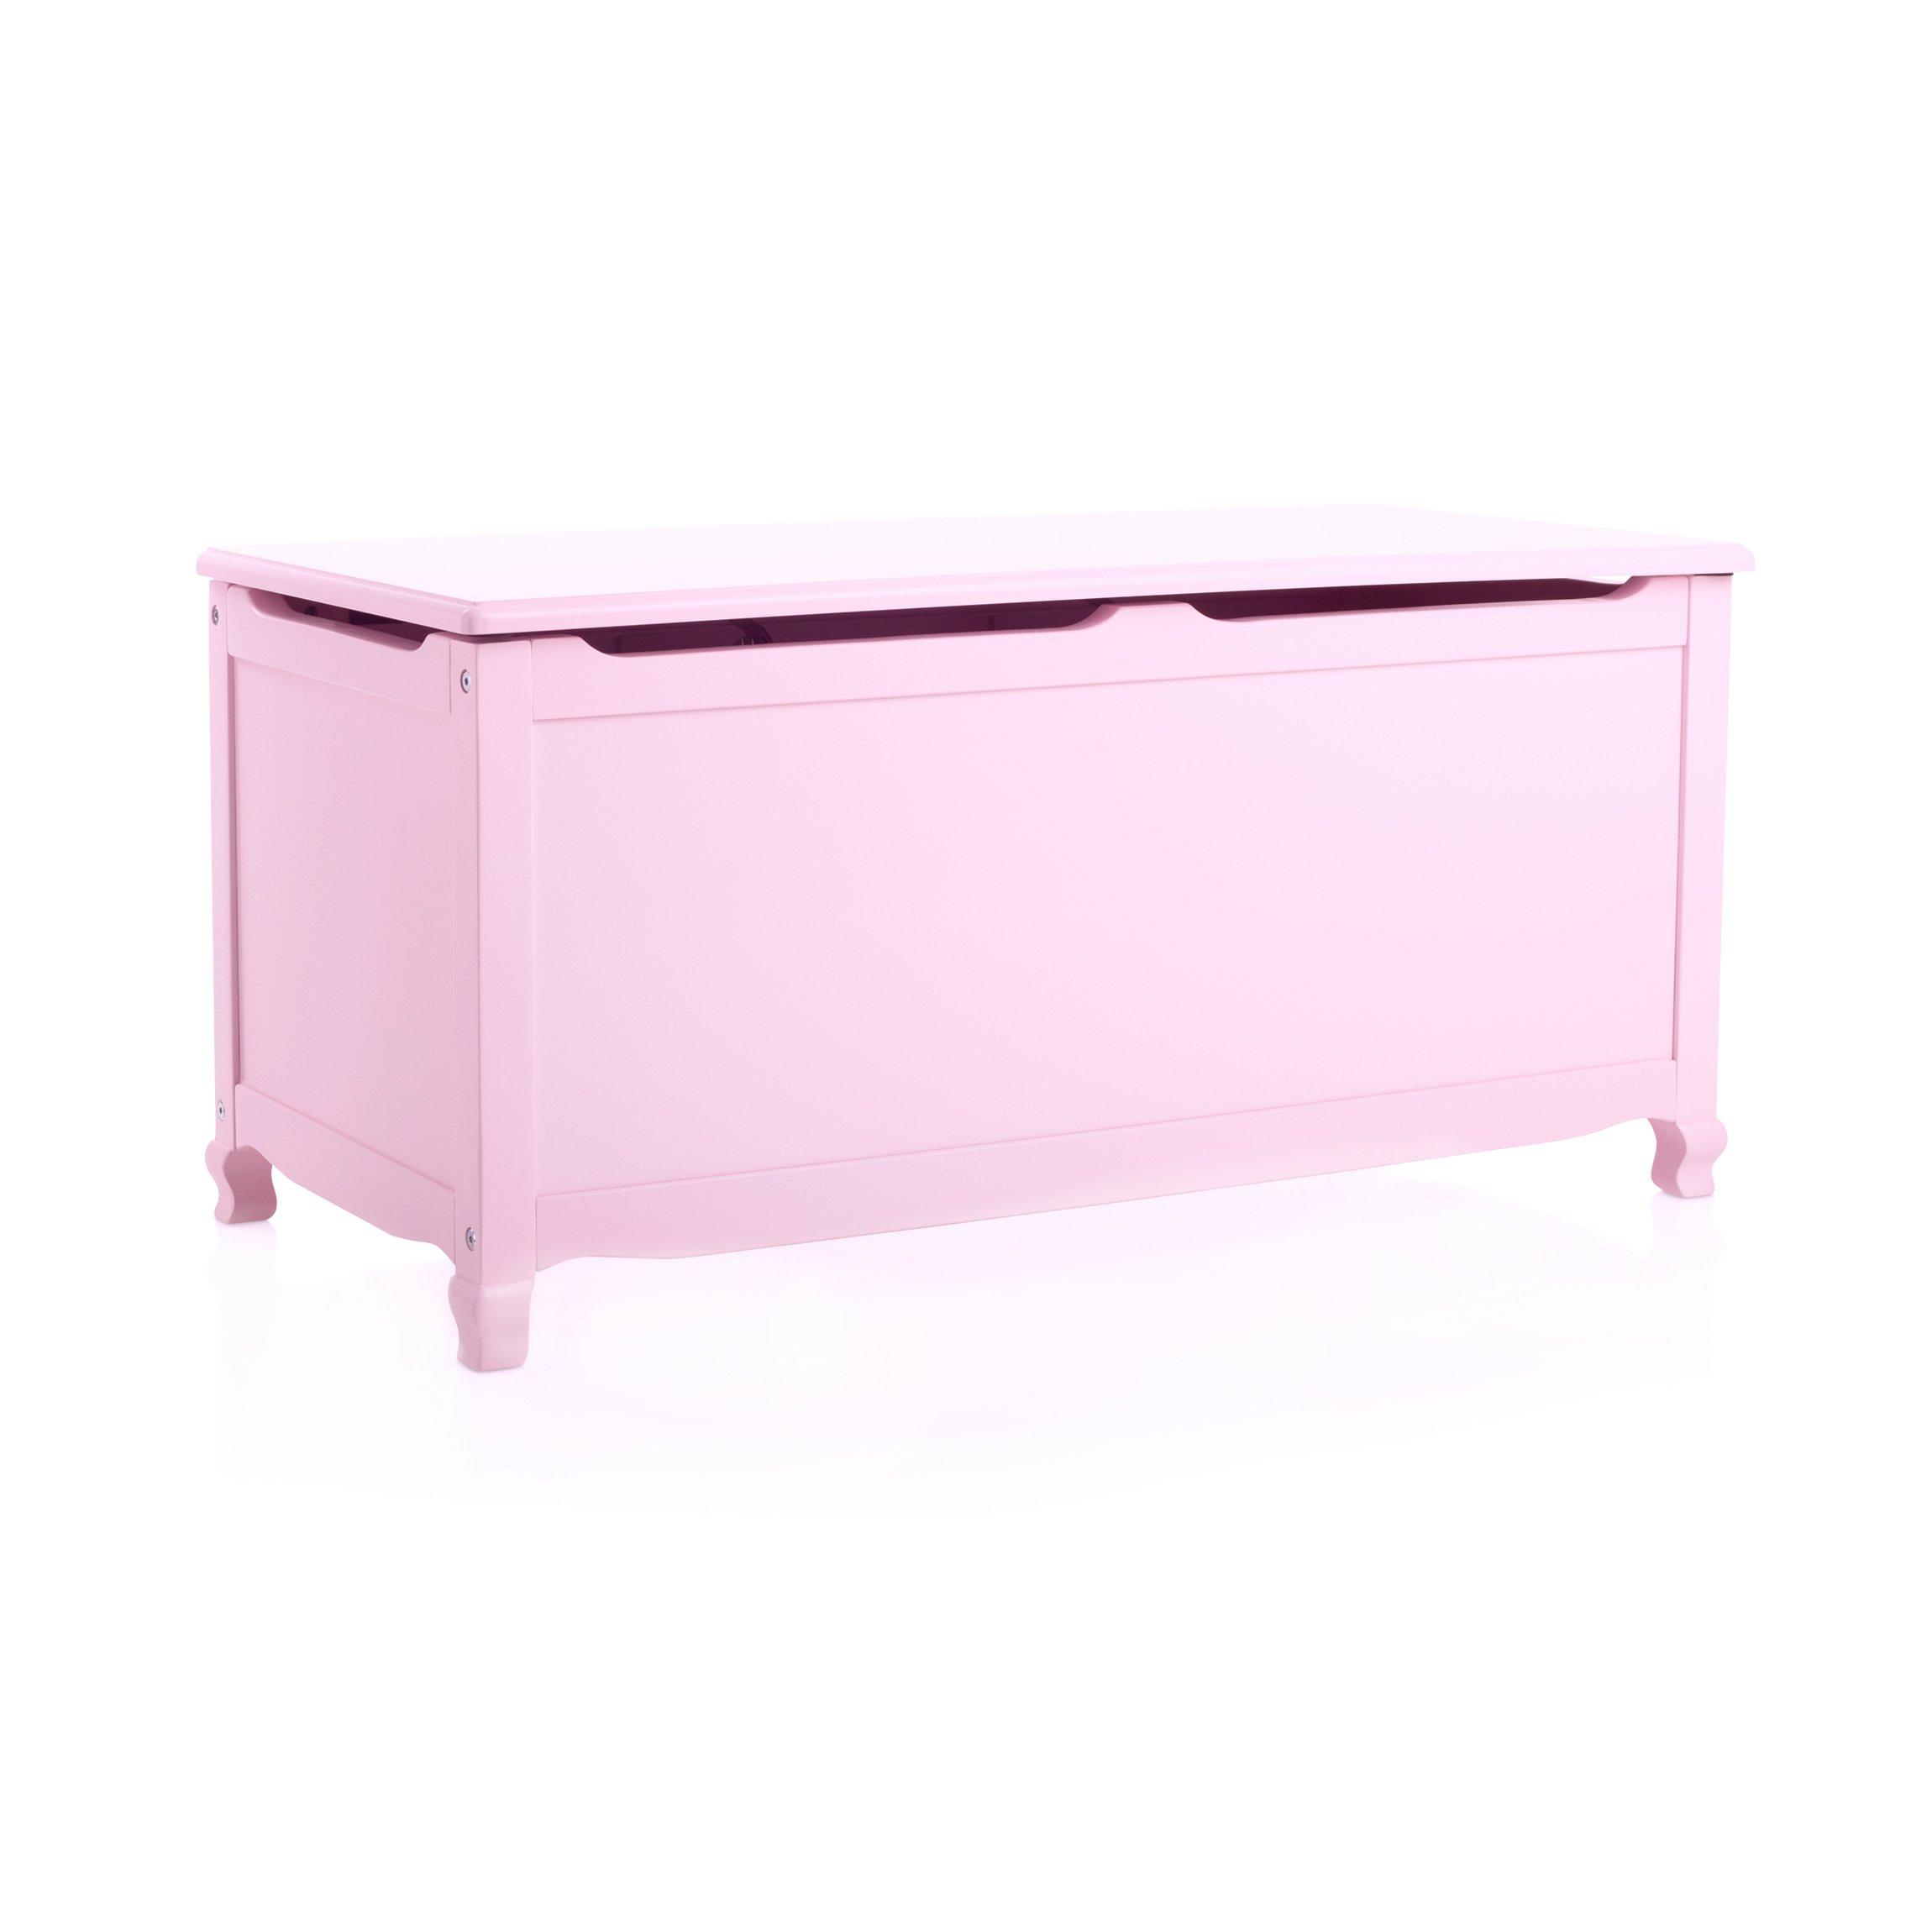 Guidecraft Manhattan Toy Box Pink- Toy Chest, Trunk, Storage Kids' Furniture by Guidecraft